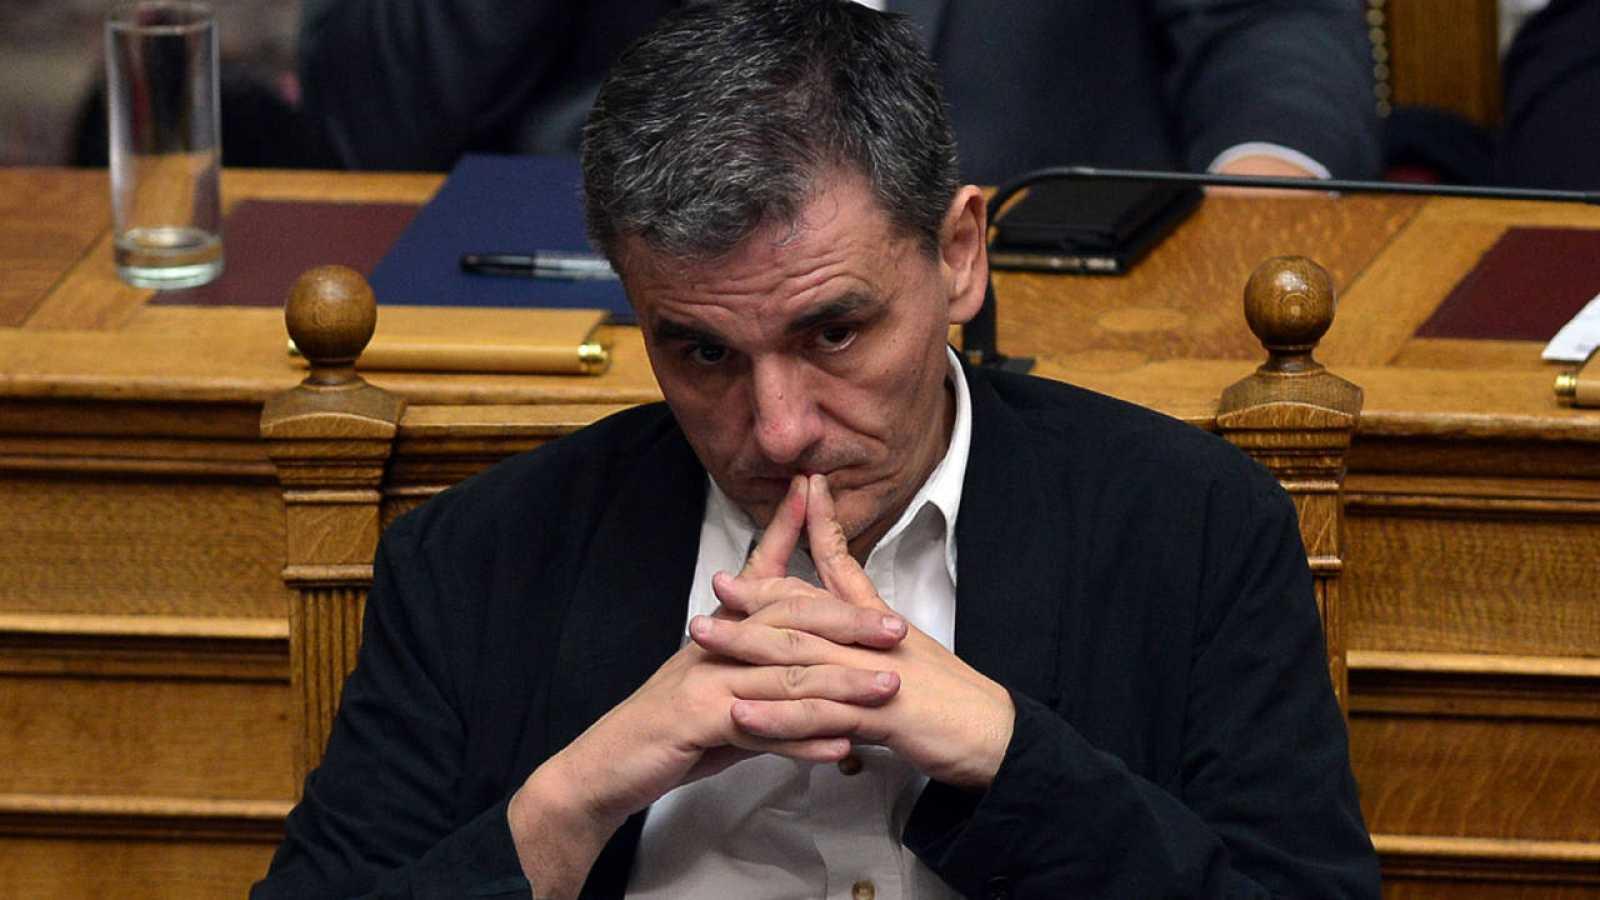 El ministro de Finanzas de Grecia, Euclides Tsakalotos, en el Parlamento heleno